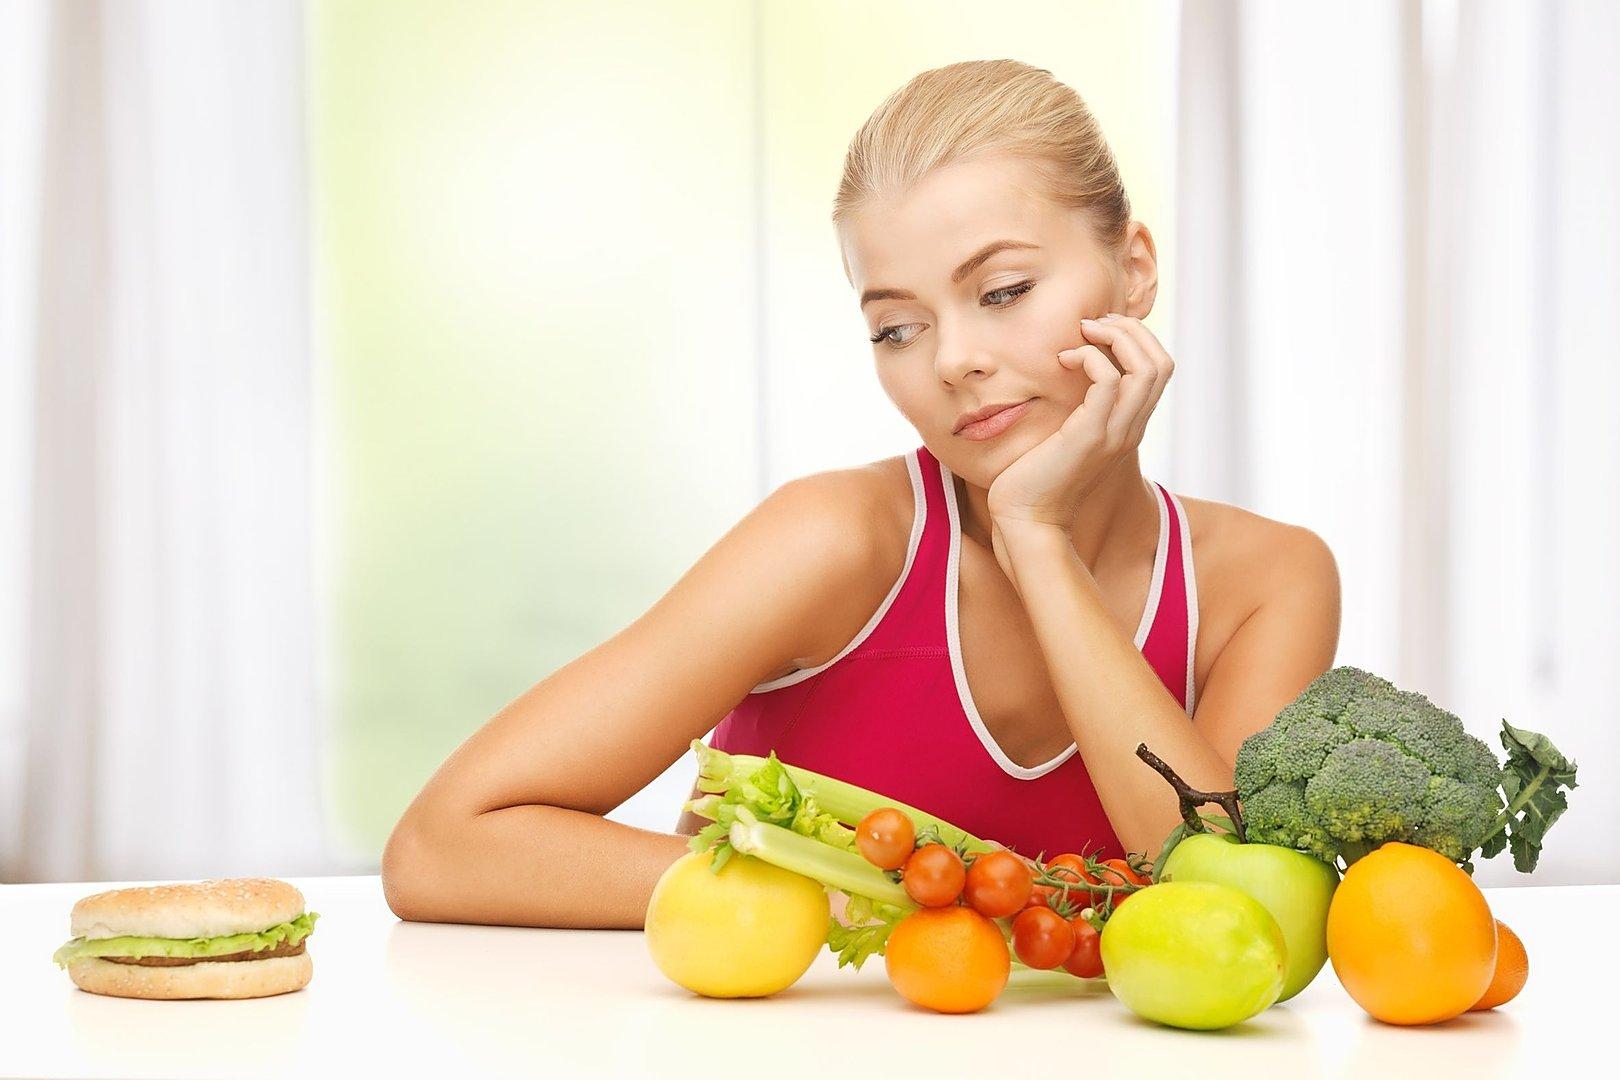 Как похудеть за неделю на 5 кг в домашних условиях без вреда? 31